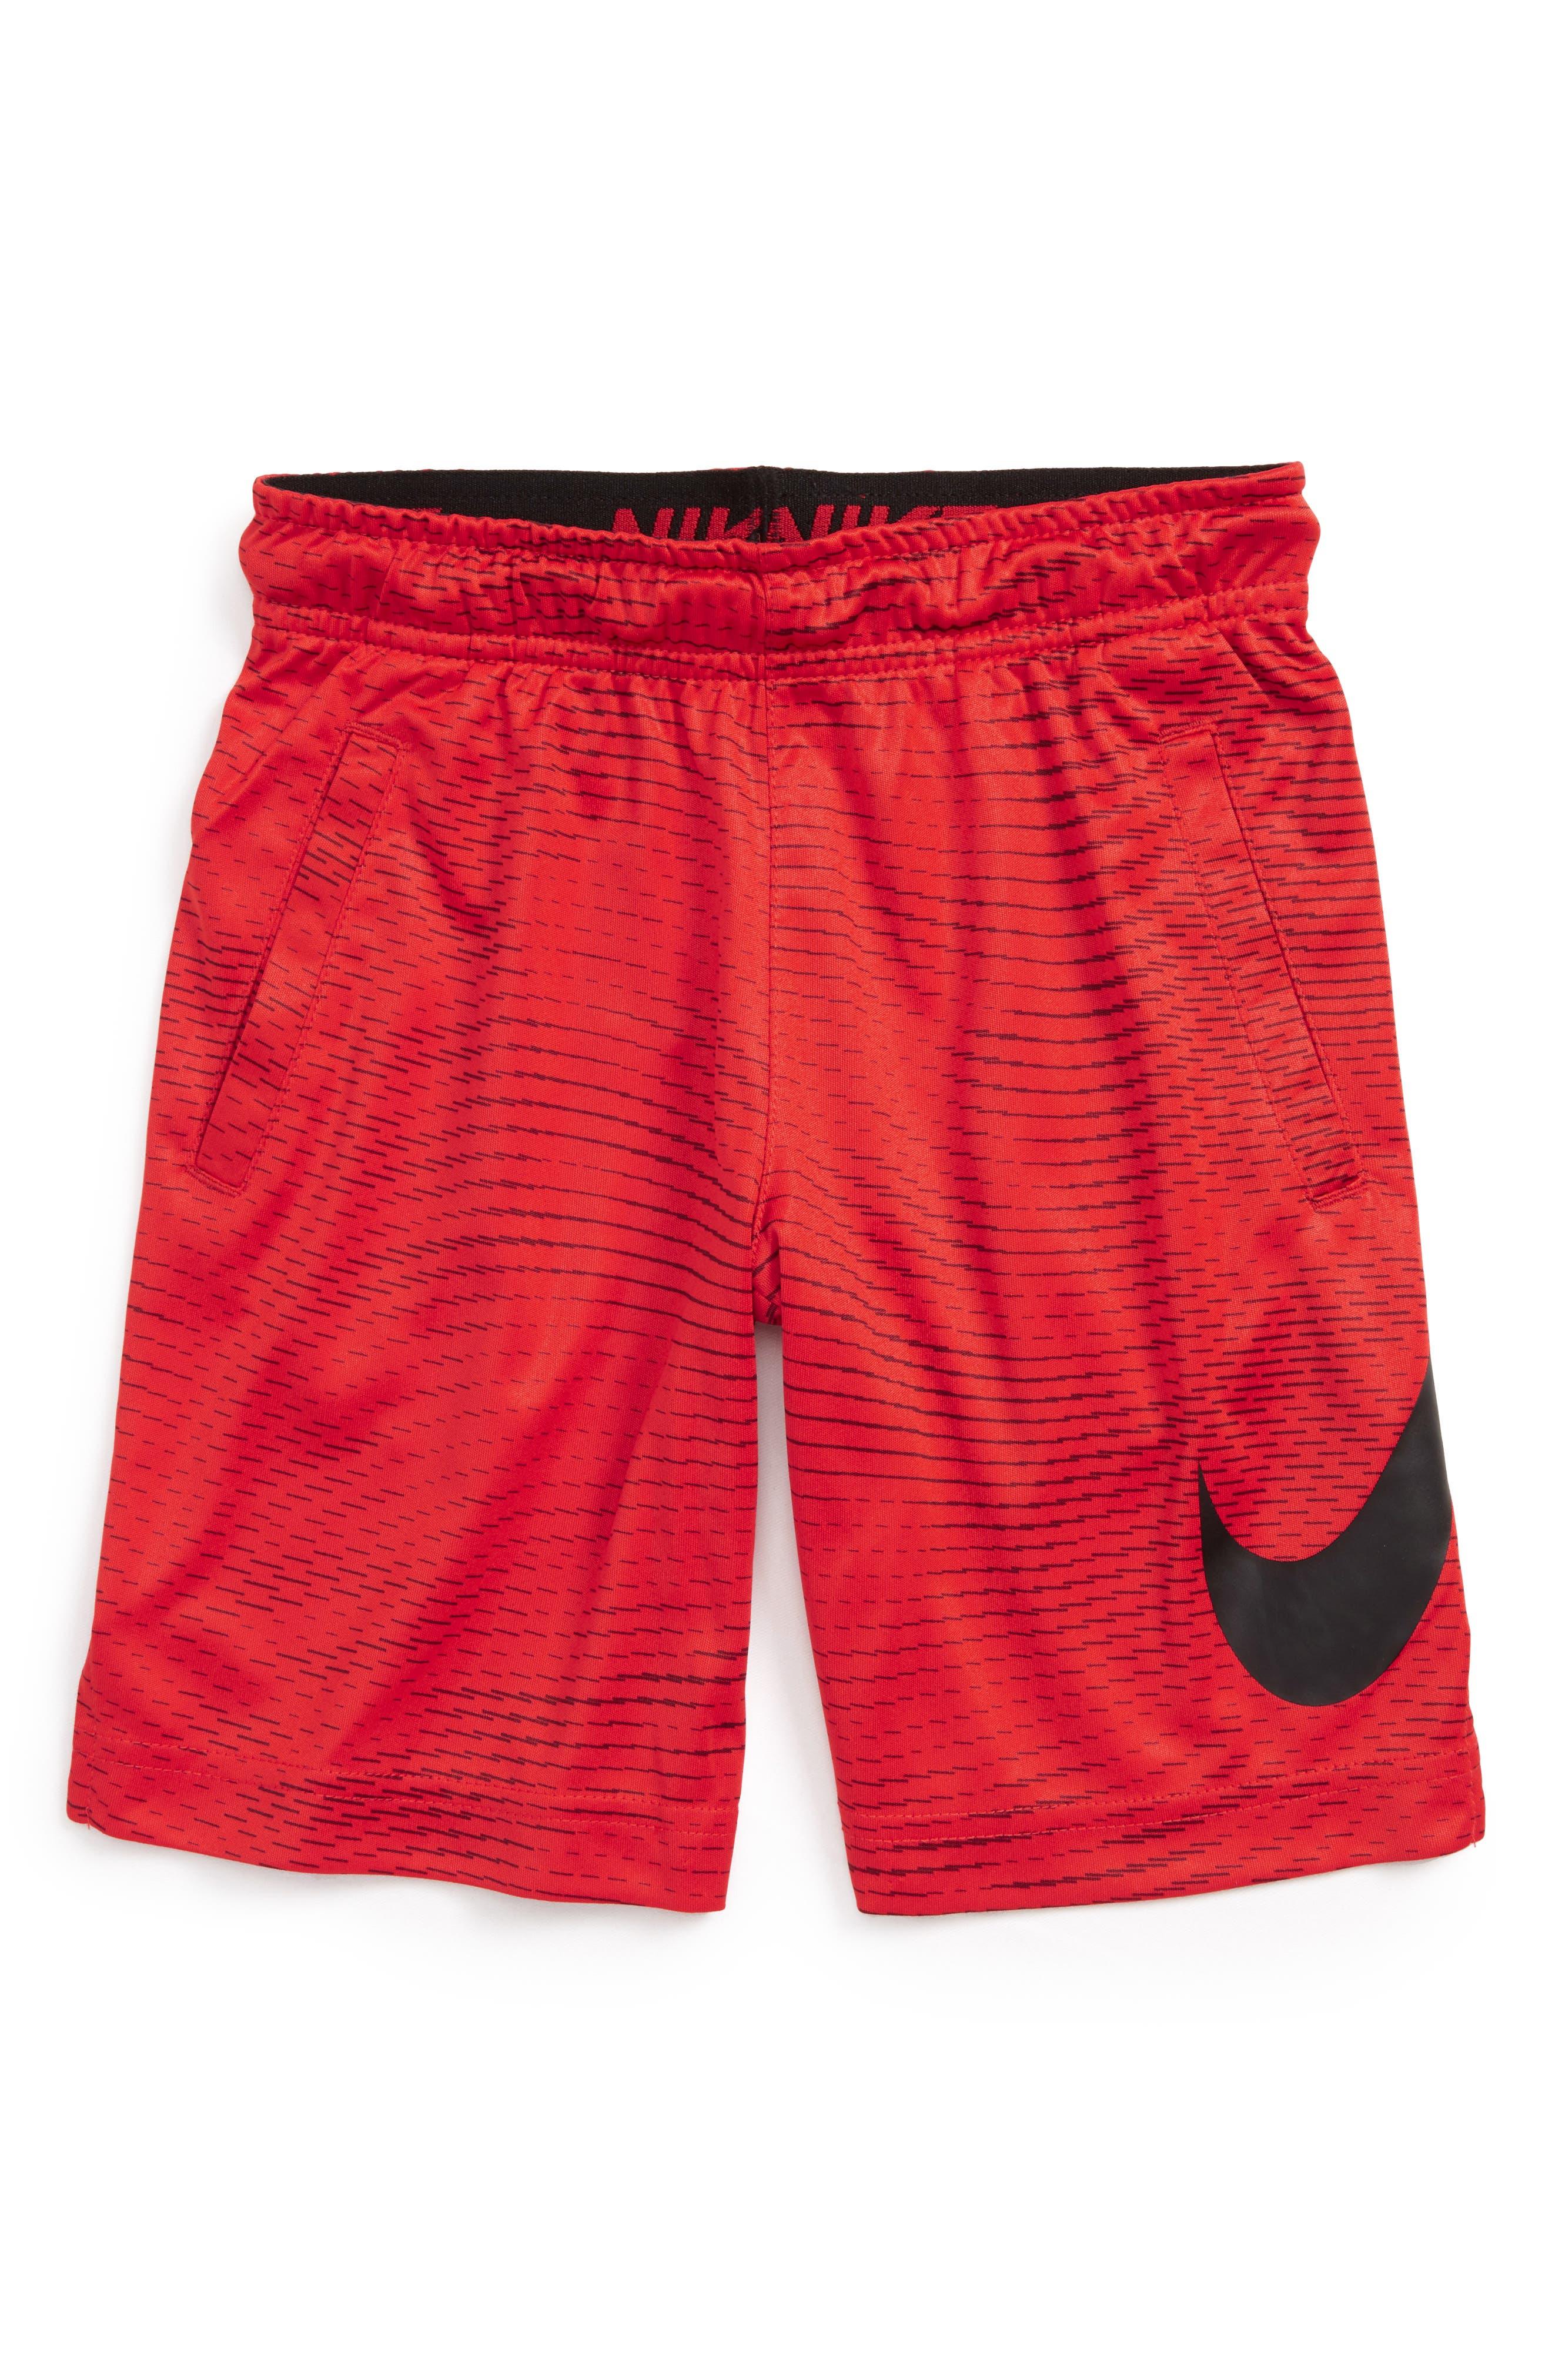 Dry Athletic Shorts,                             Main thumbnail 3, color,